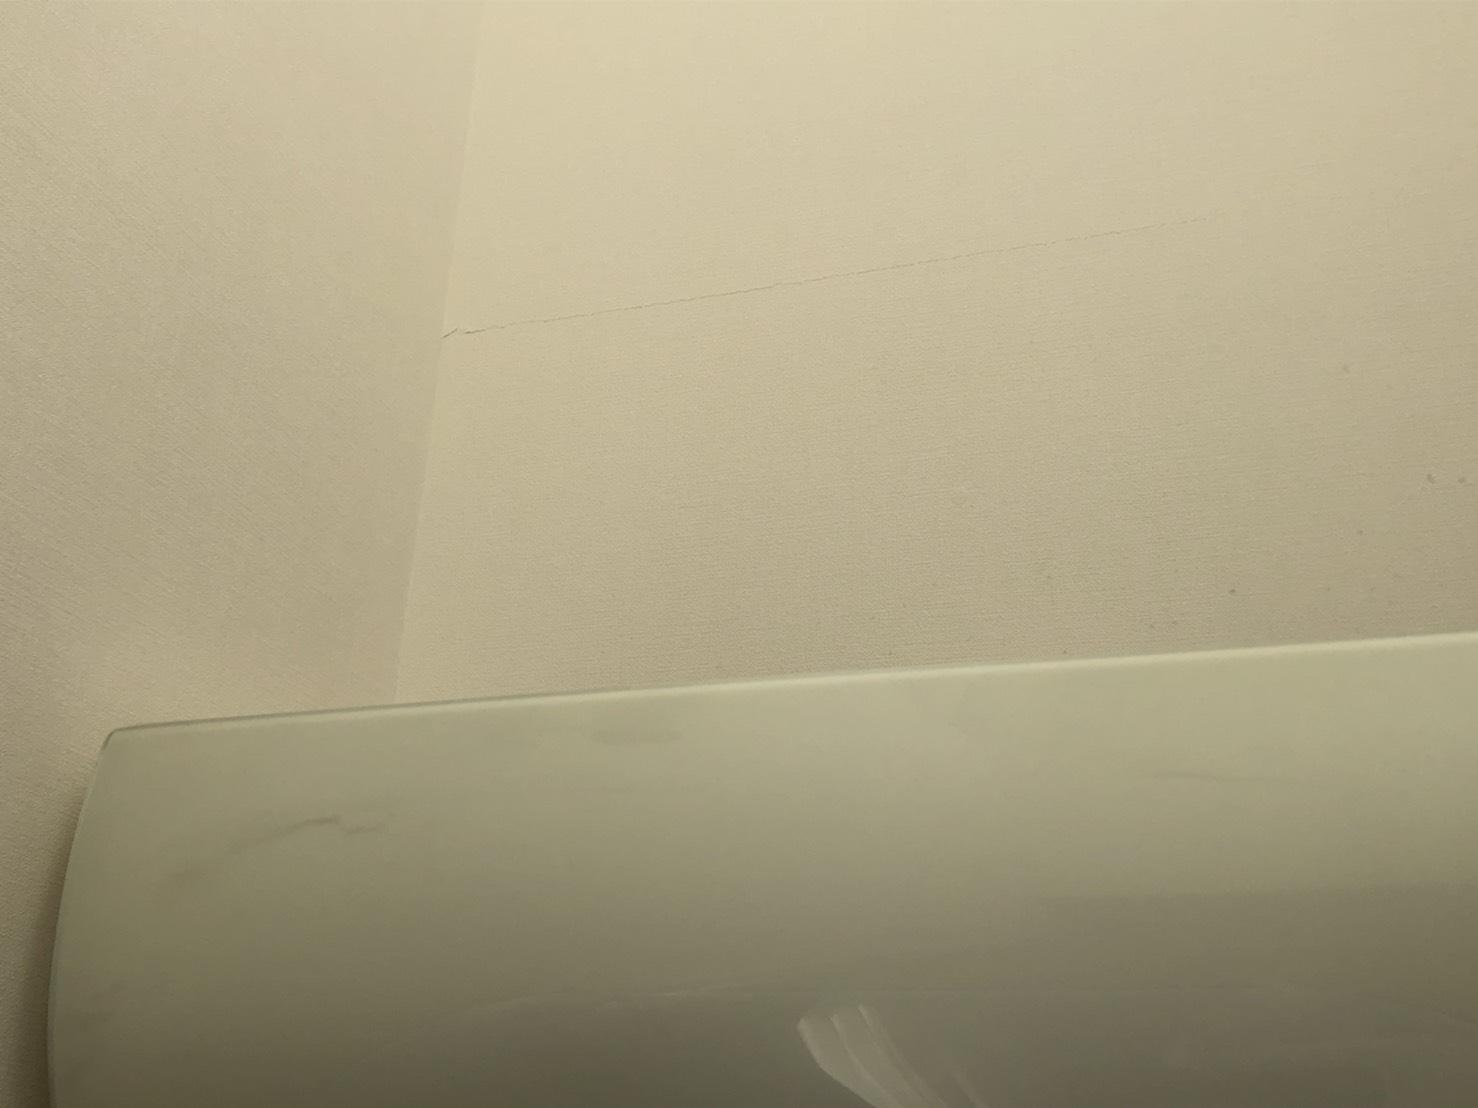 室内壁のヒビは10年保証の対象にならない